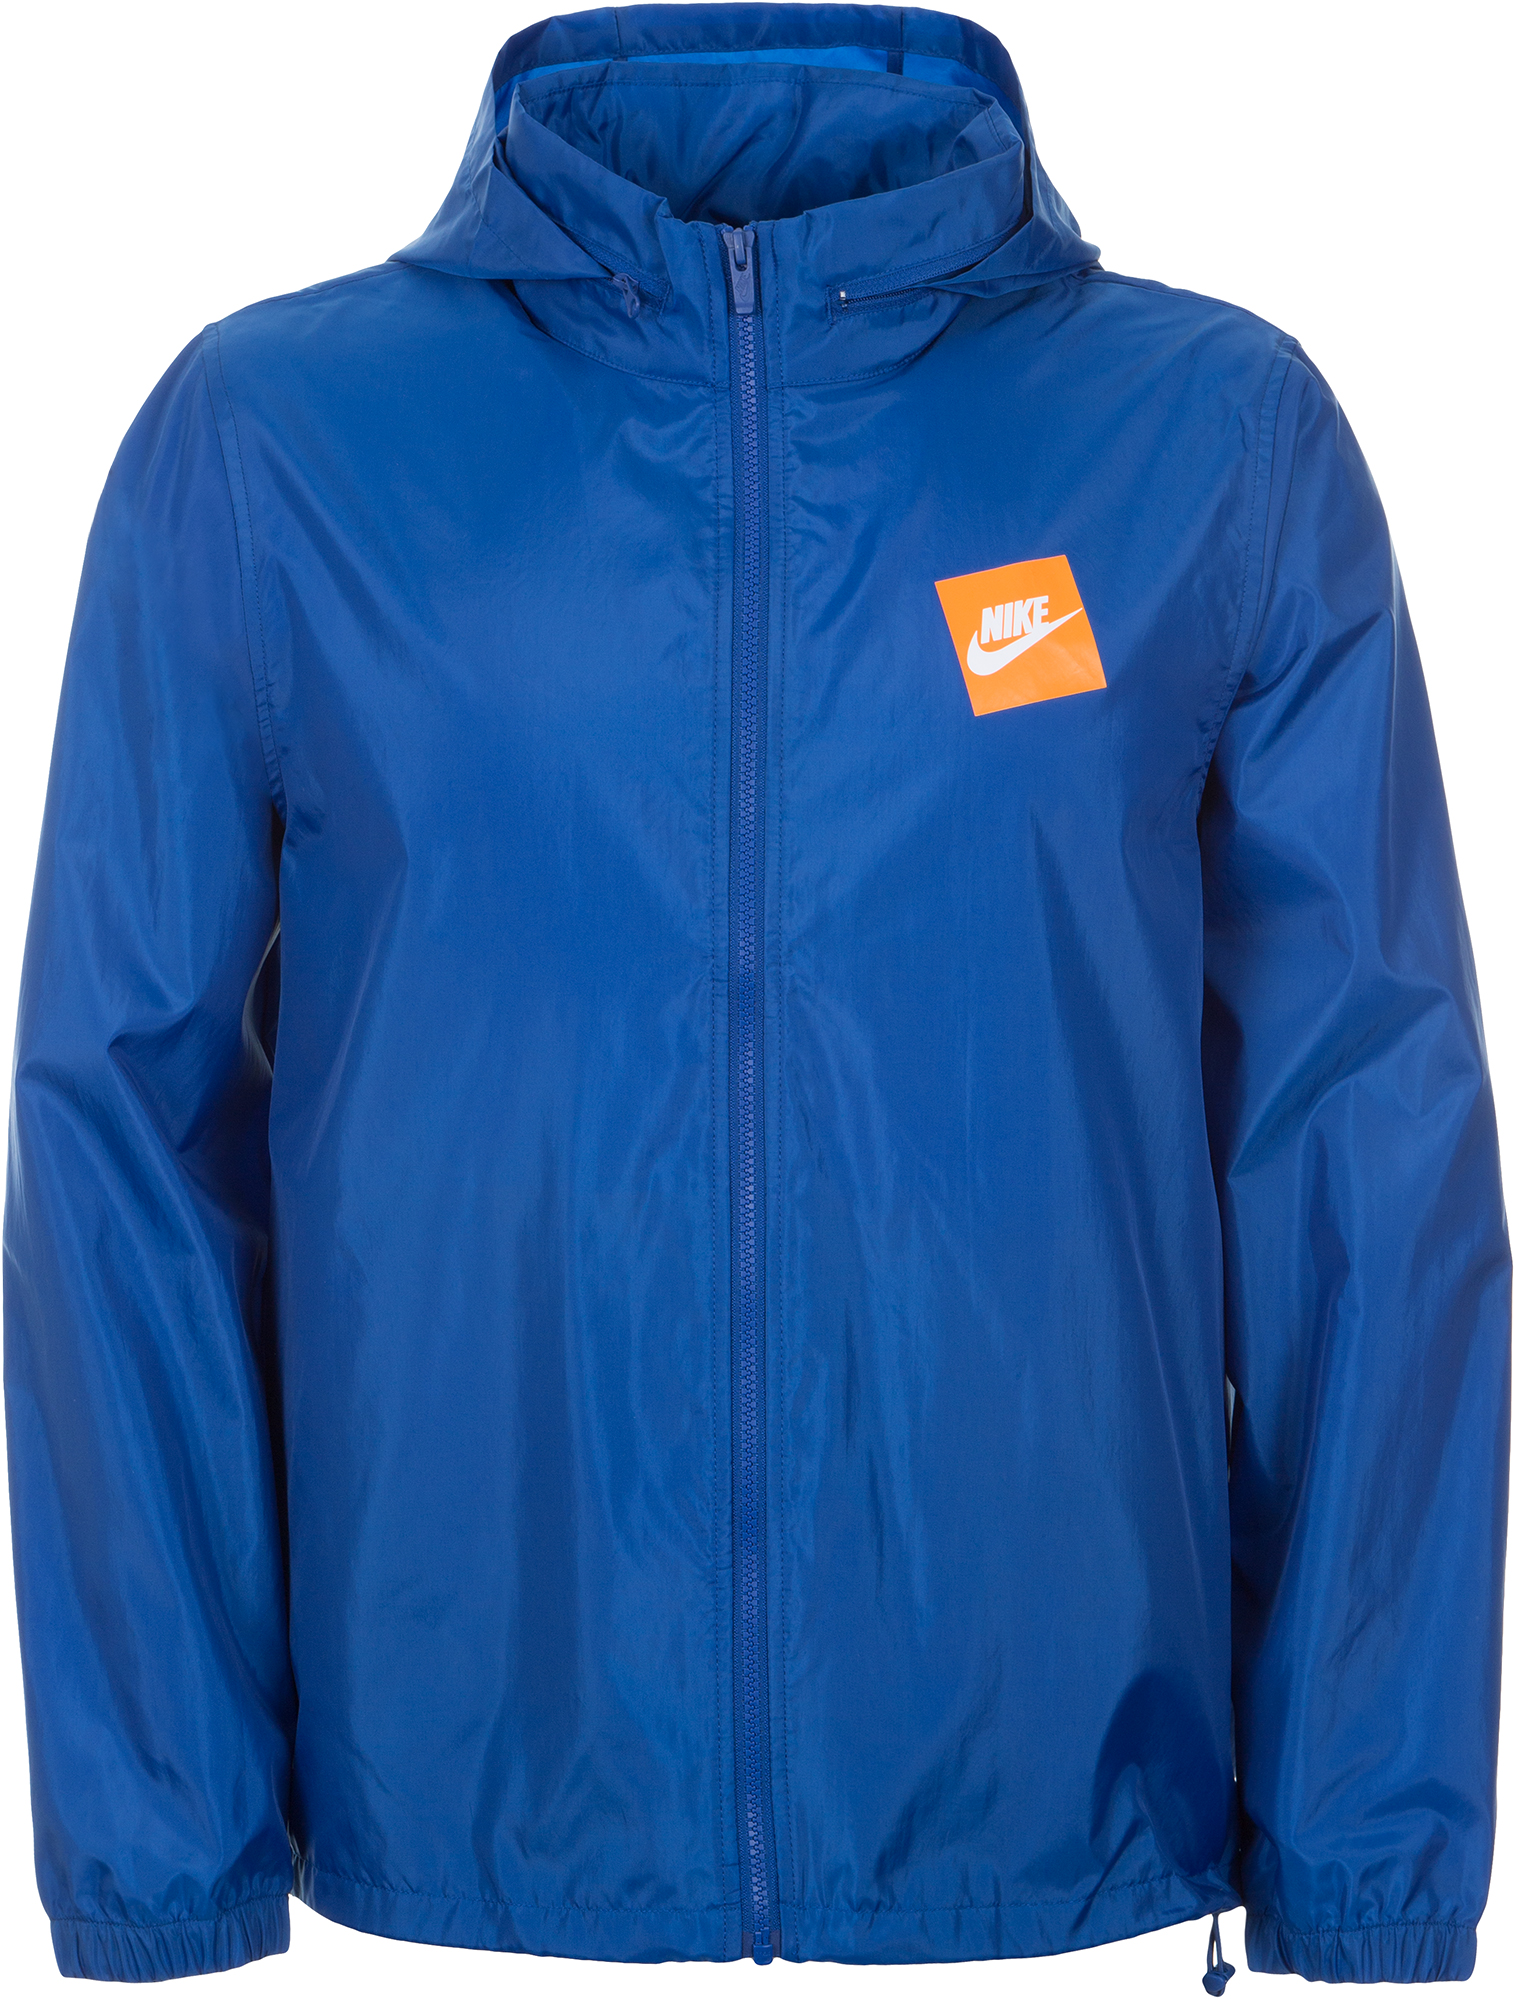 Отличный выбор для спортивного образа в пасмурные дни - ветровка nike  sportswear jdi защита от влаги водоотталкивающее покрытие защищает от  мелкого дождя. d716513f03db1